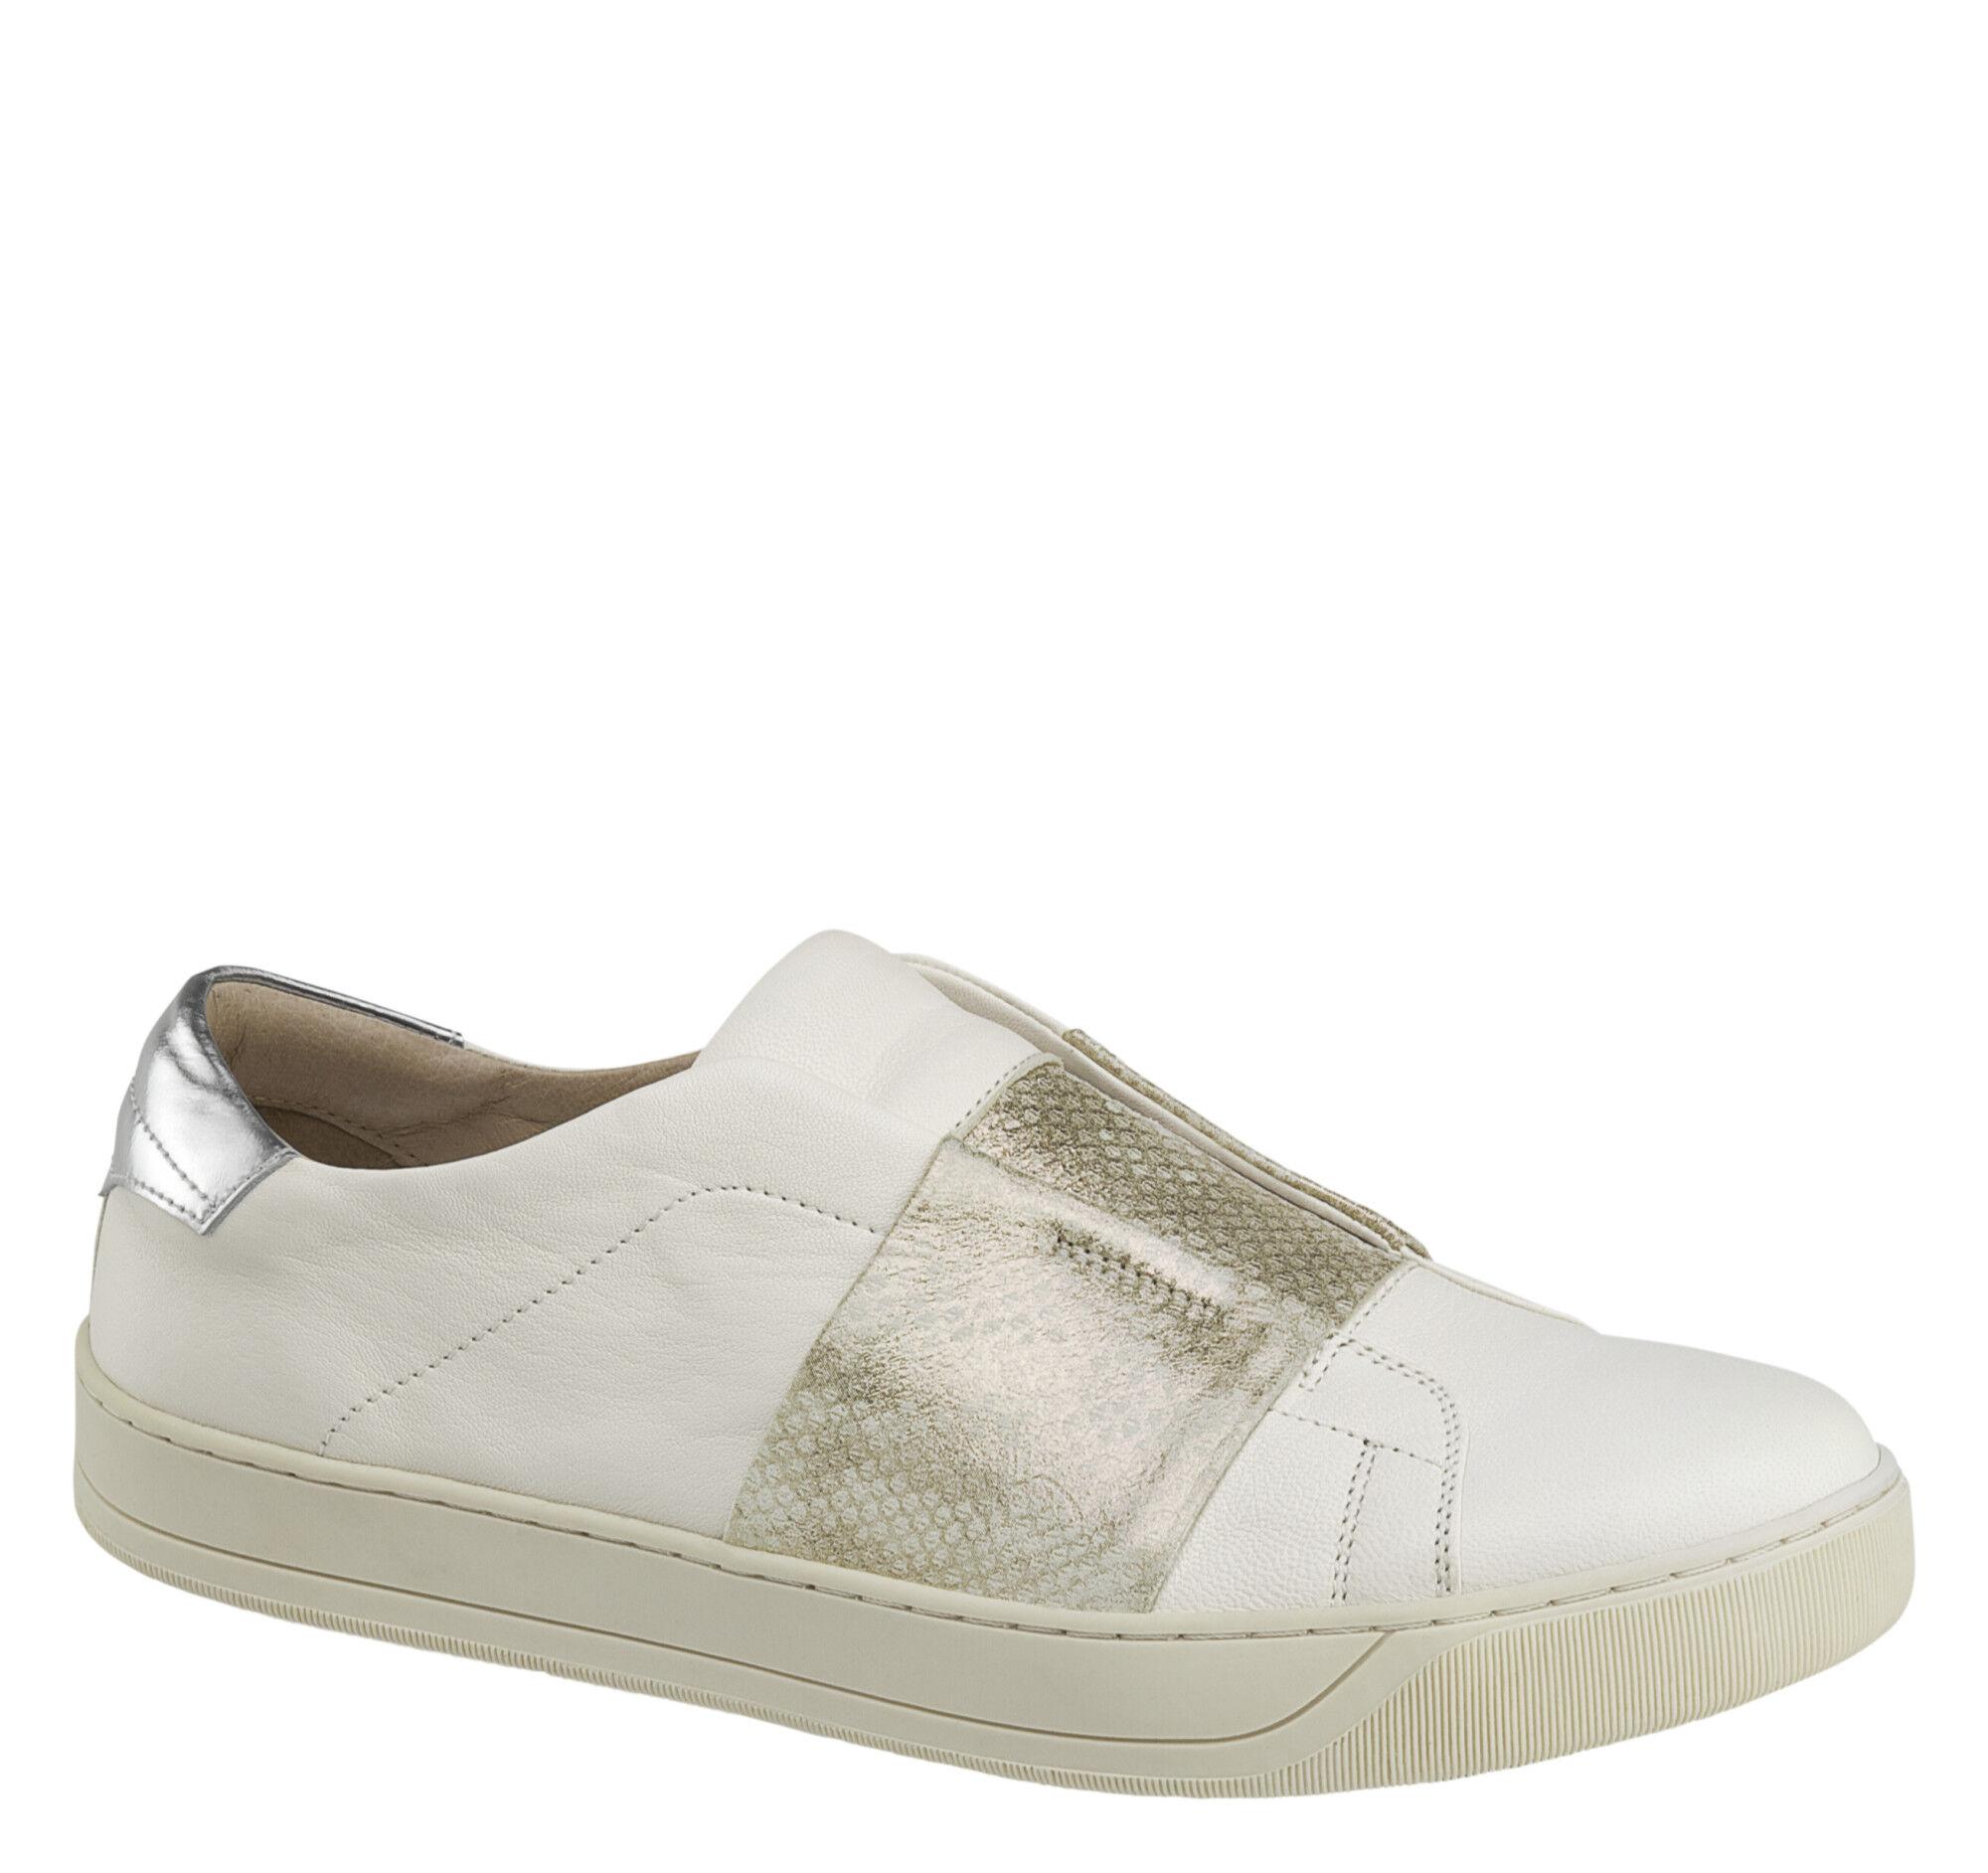 Johnston & Murphy Women's Eden Slip-On Sneaker MiZVLNo5